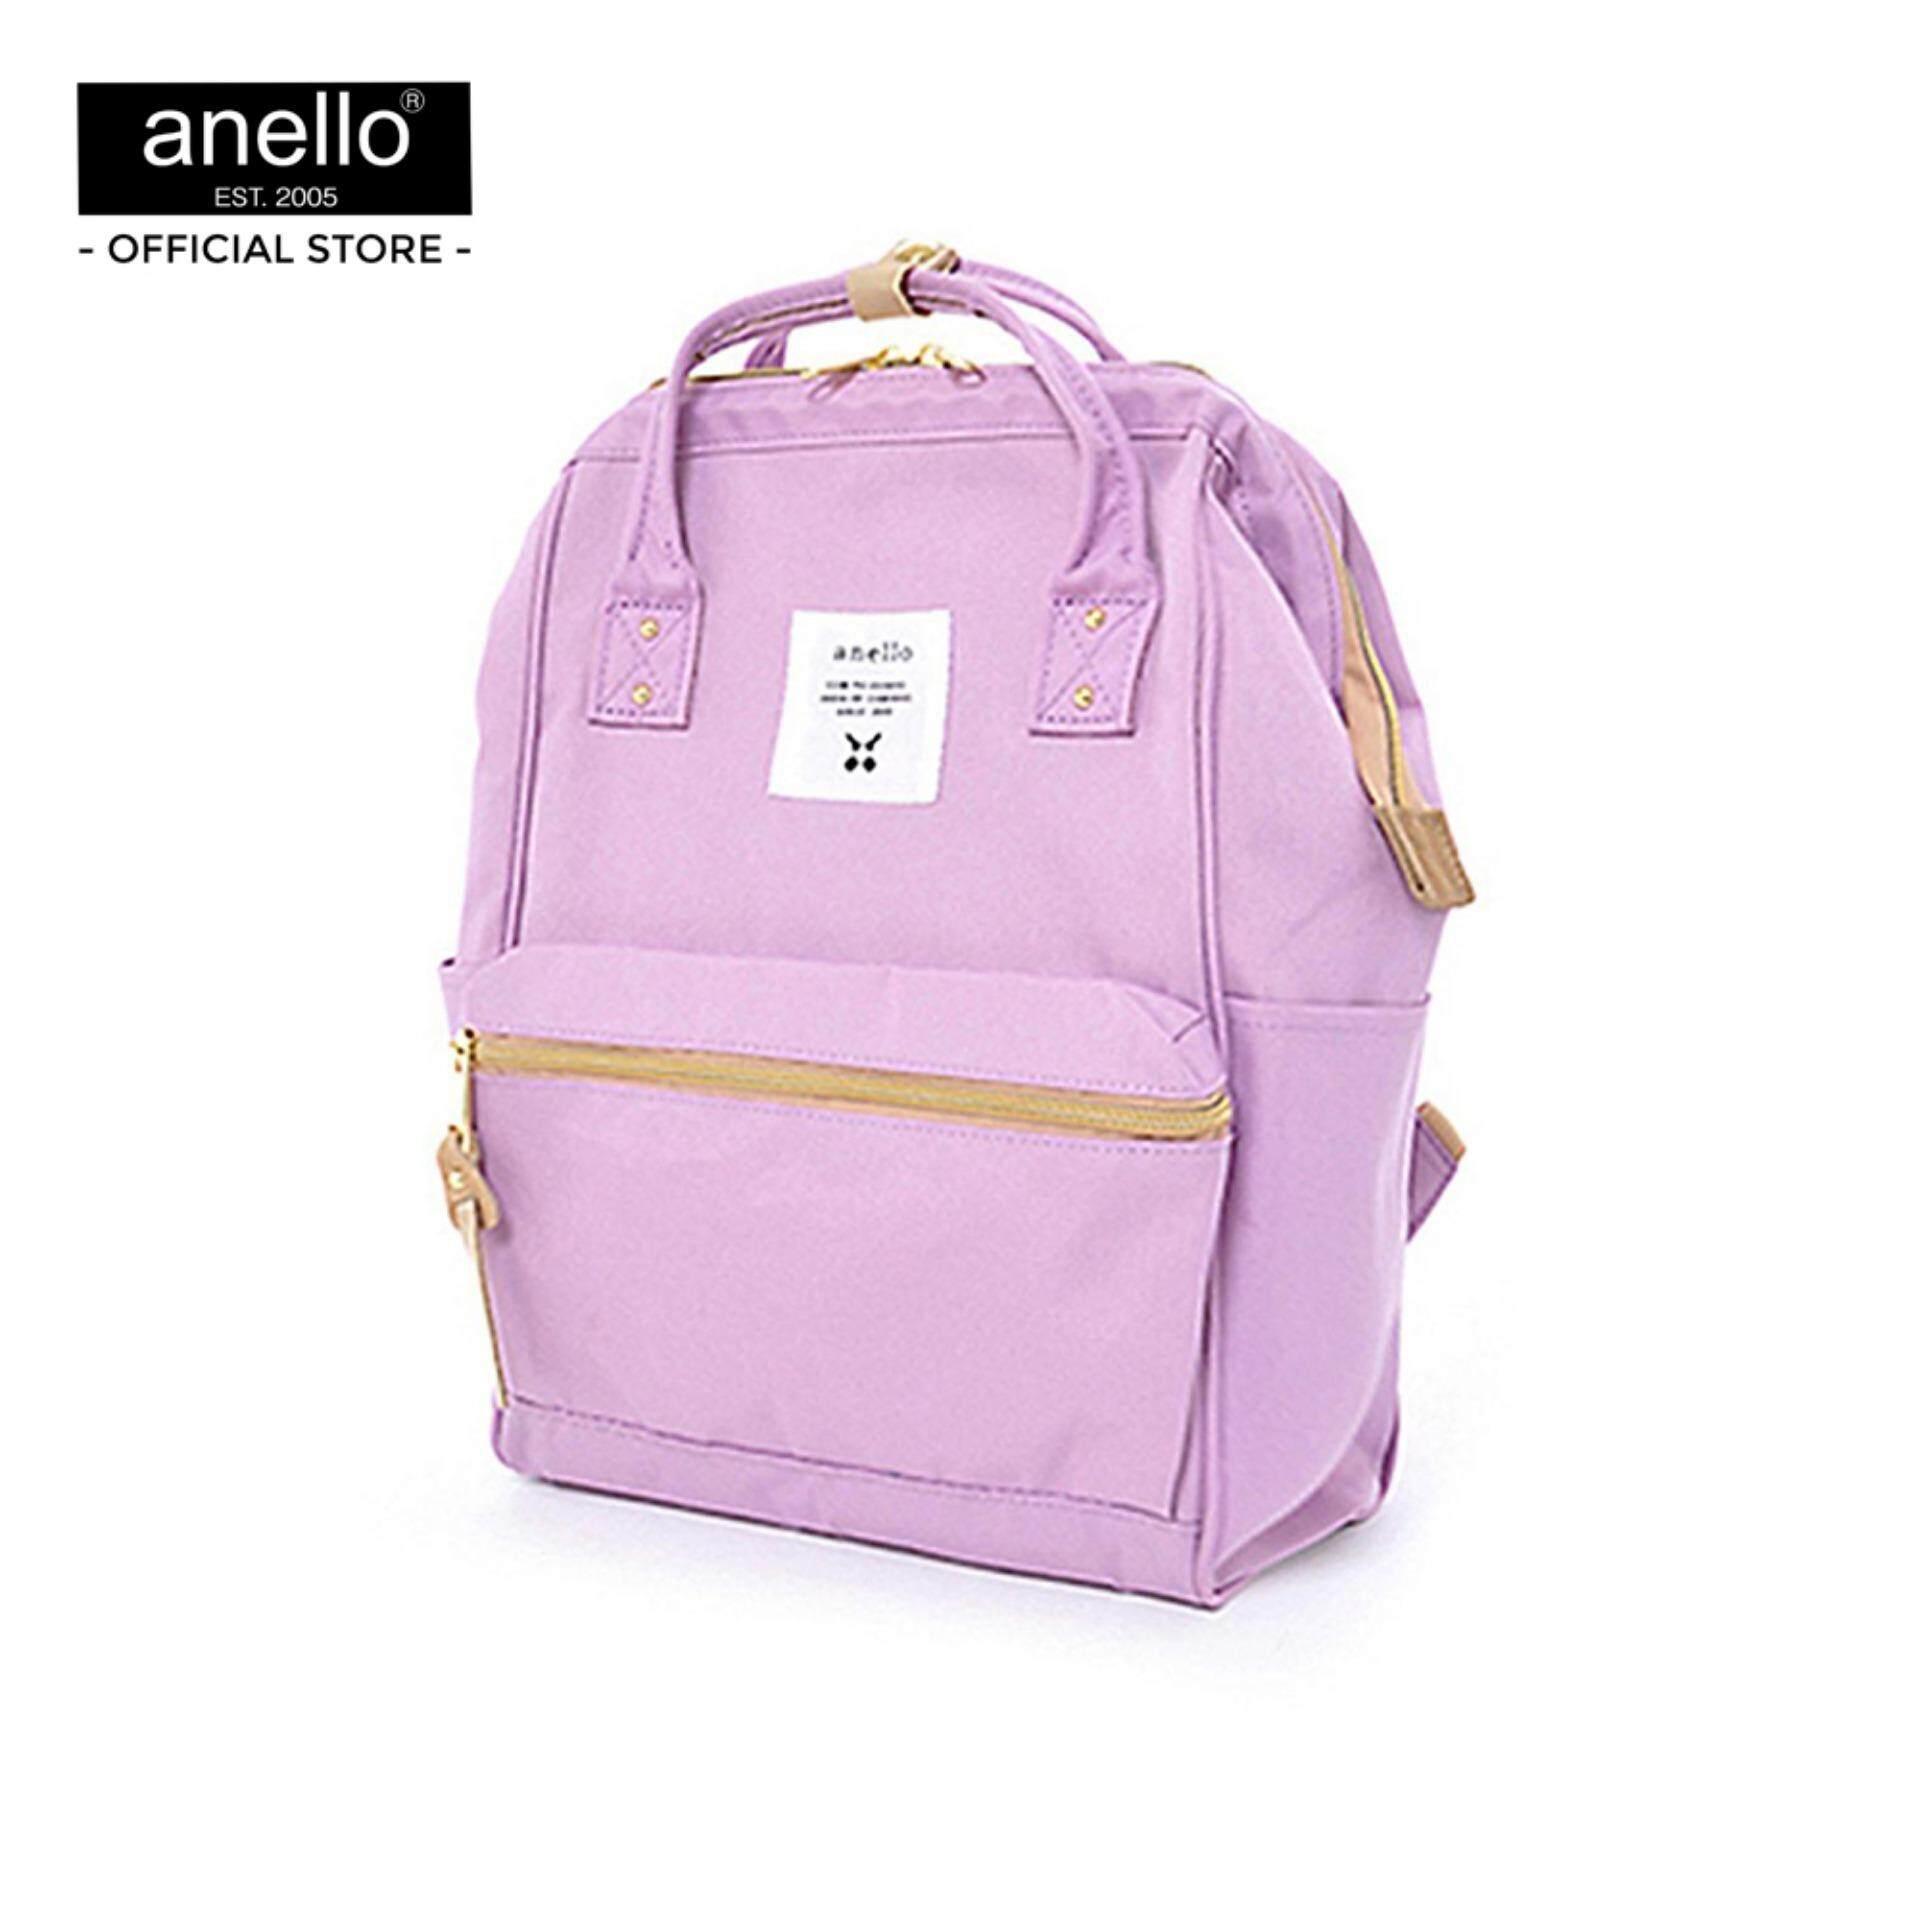 บัตรเครดิตซิตี้แบงก์ รีวอร์ด  ร้อยเอ็ด anello กระเป๋า Mini Backpack_AT-B0197B